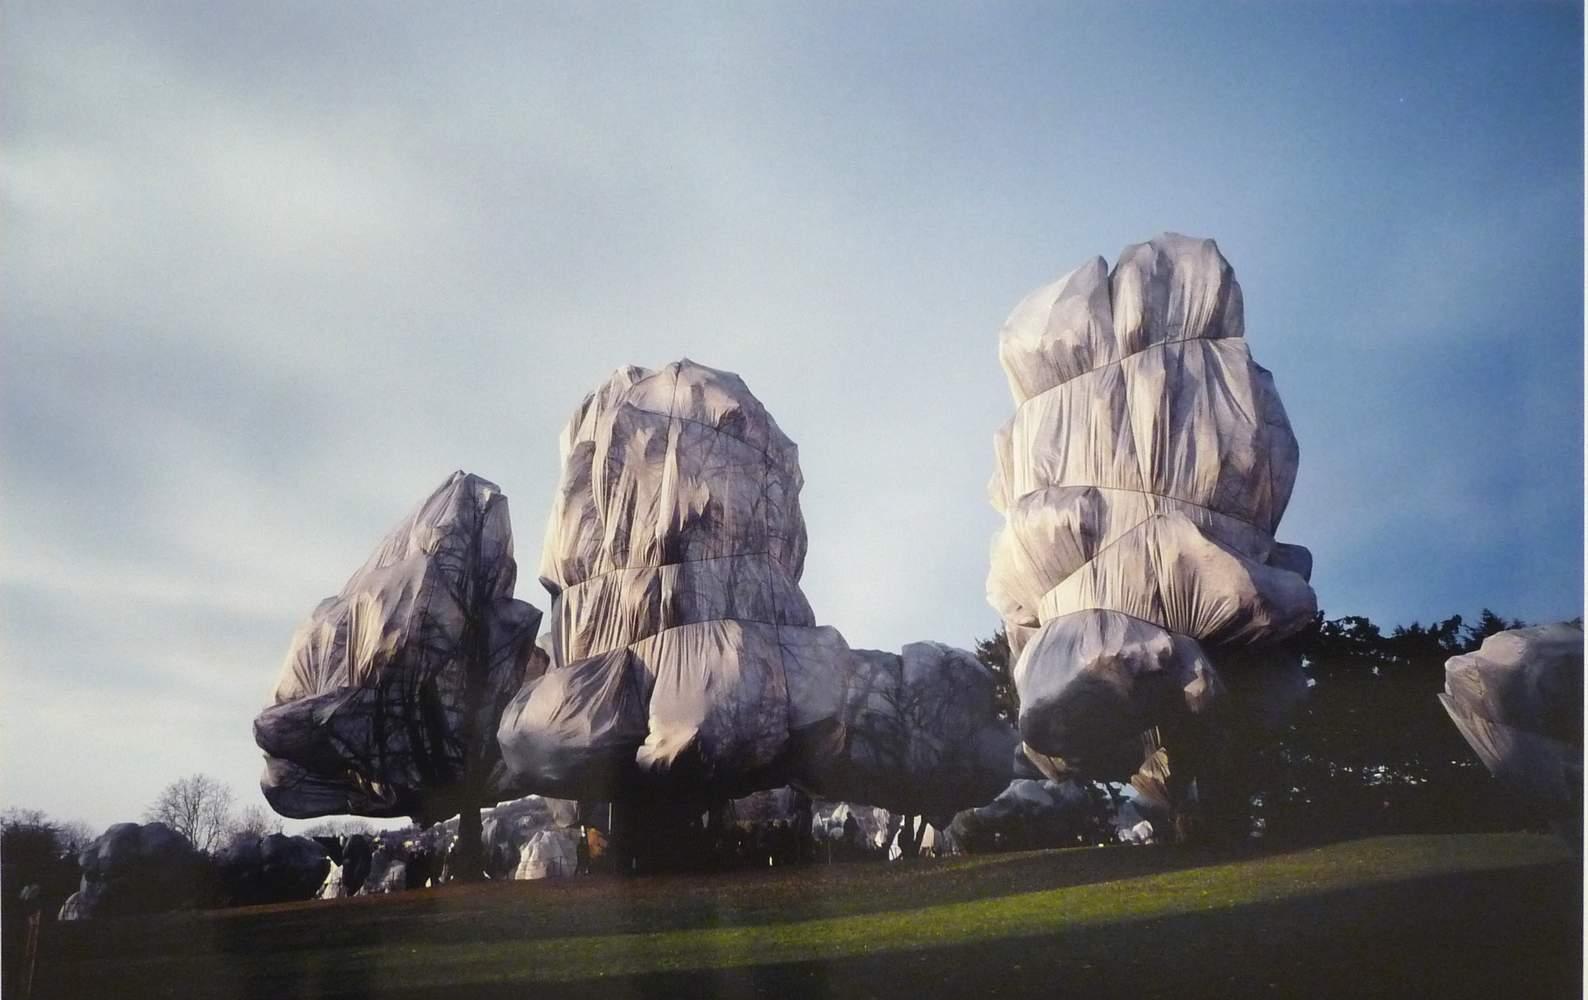 Die Kunst Von Christo Und Jeanne Claude Arch Blog